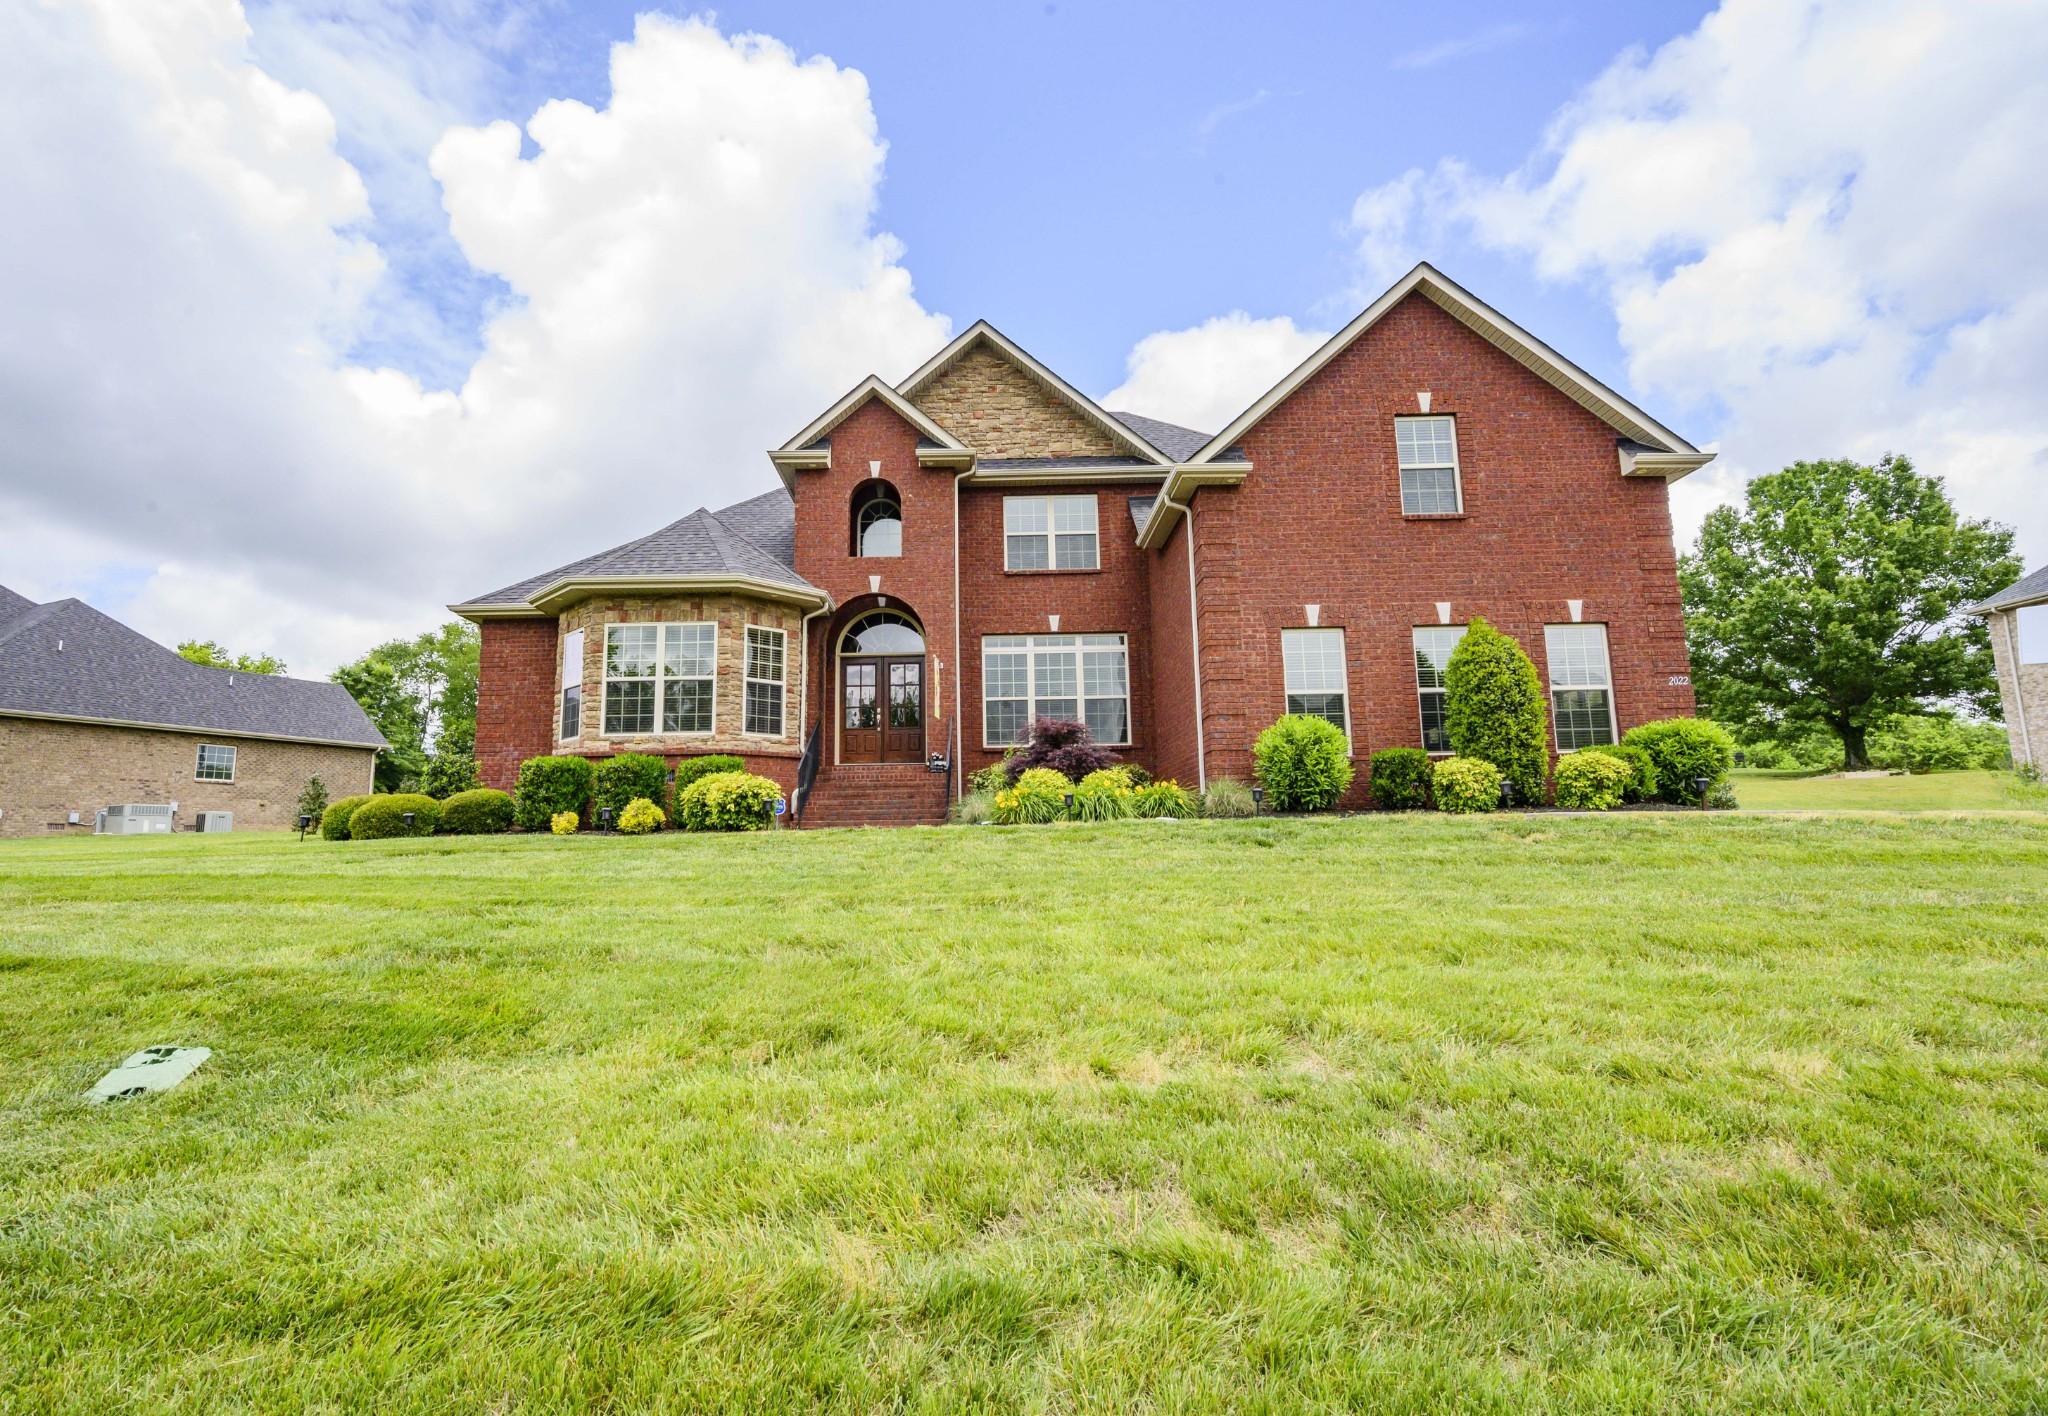 2022 Martins Bend Dr, LA VERGNE, TN 37086 - LA VERGNE, TN real estate listing